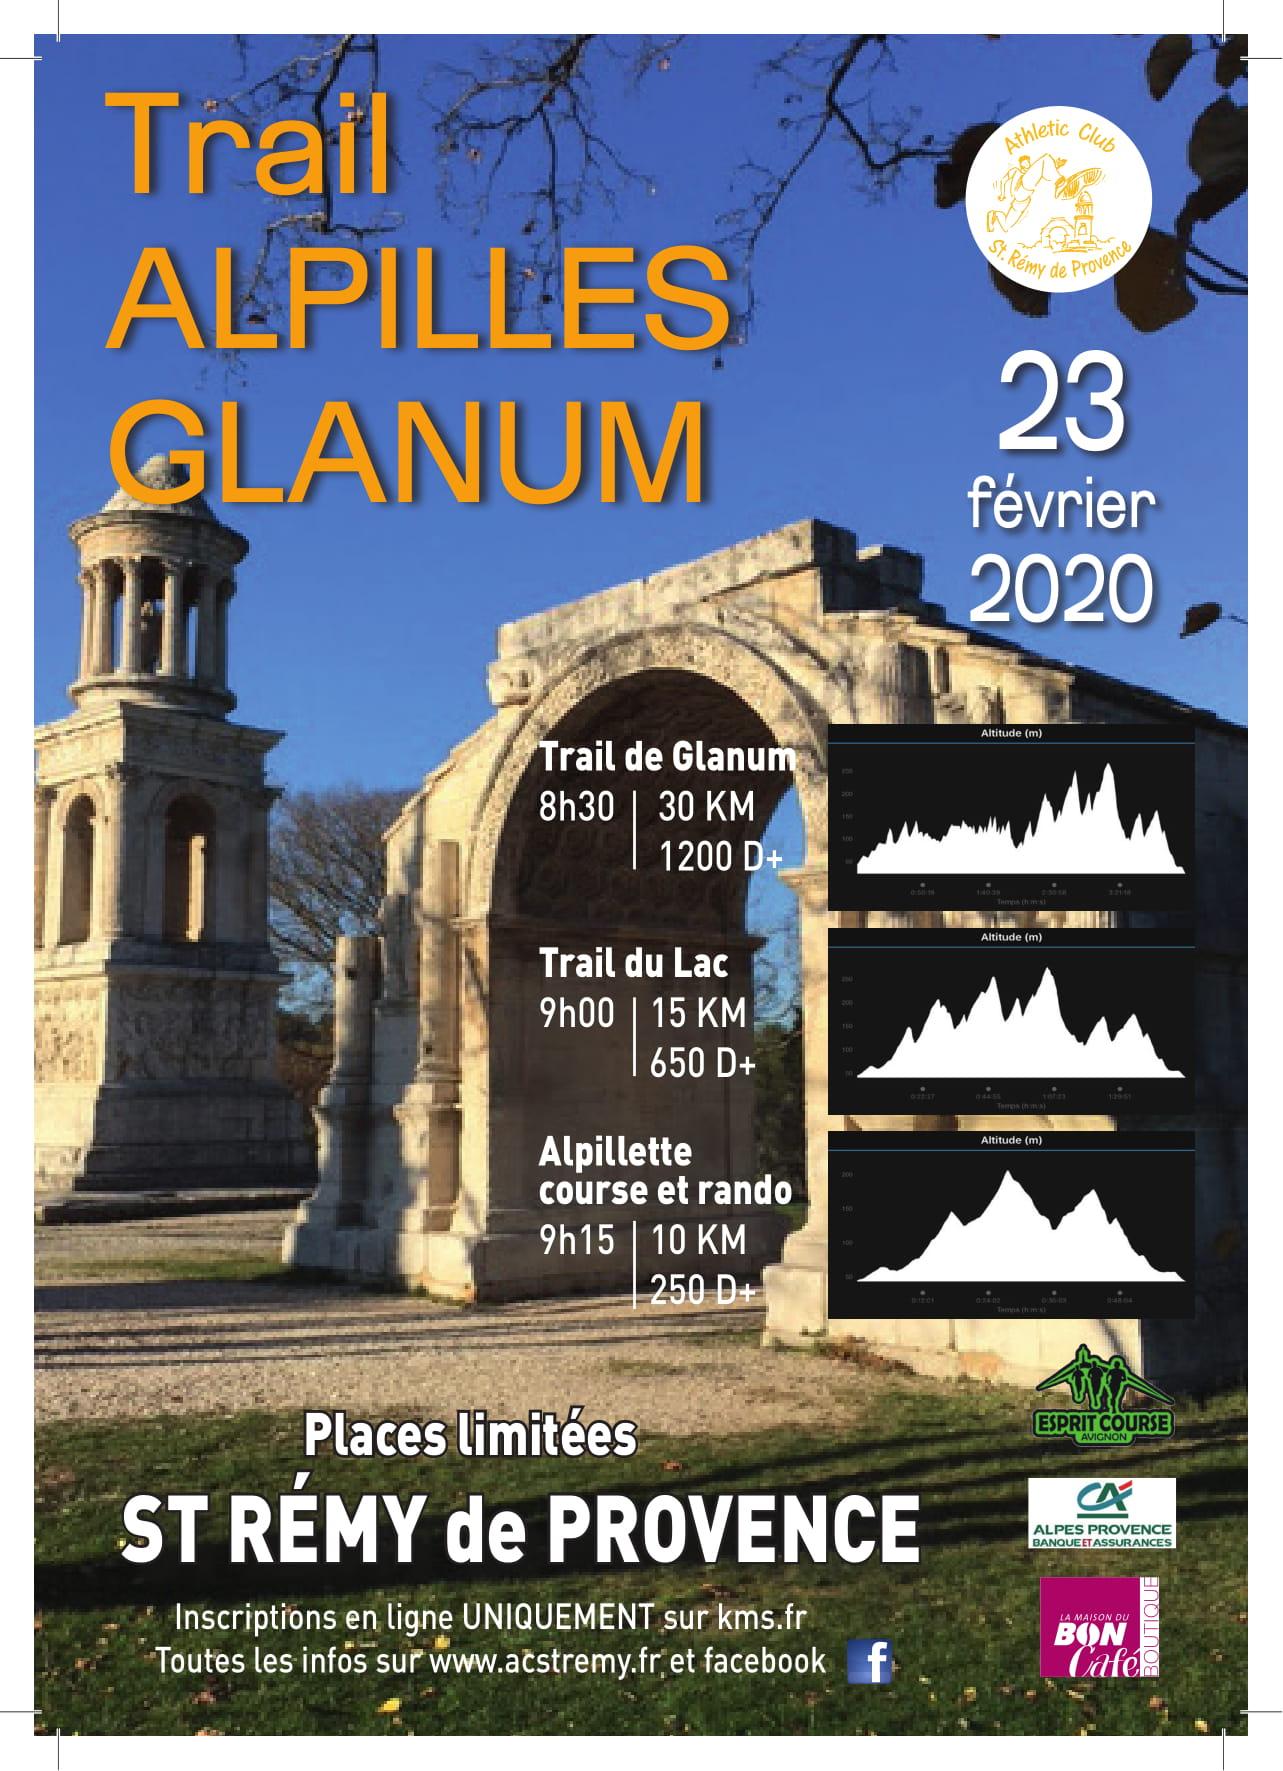 ALPILLETTE 10KM MARCHE